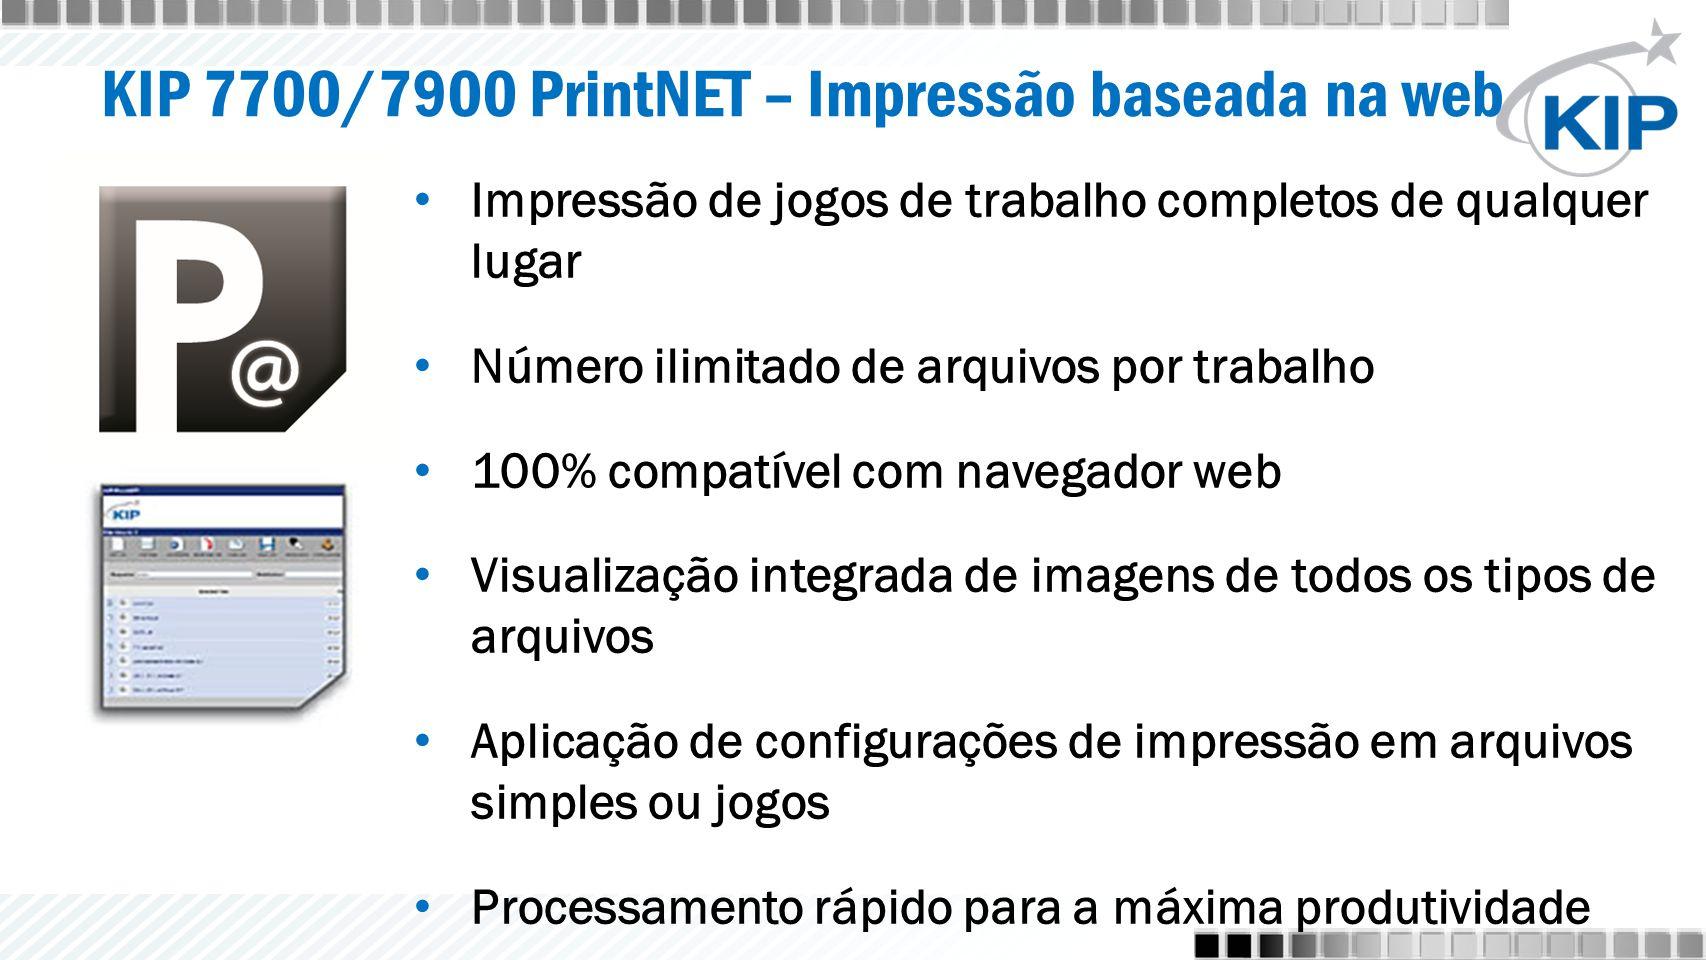 KIP 7700/7900 PrintNET – Impressão baseada na web Impressão de jogos de trabalho completos de qualquer lugar Número ilimitado de arquivos por trabalho